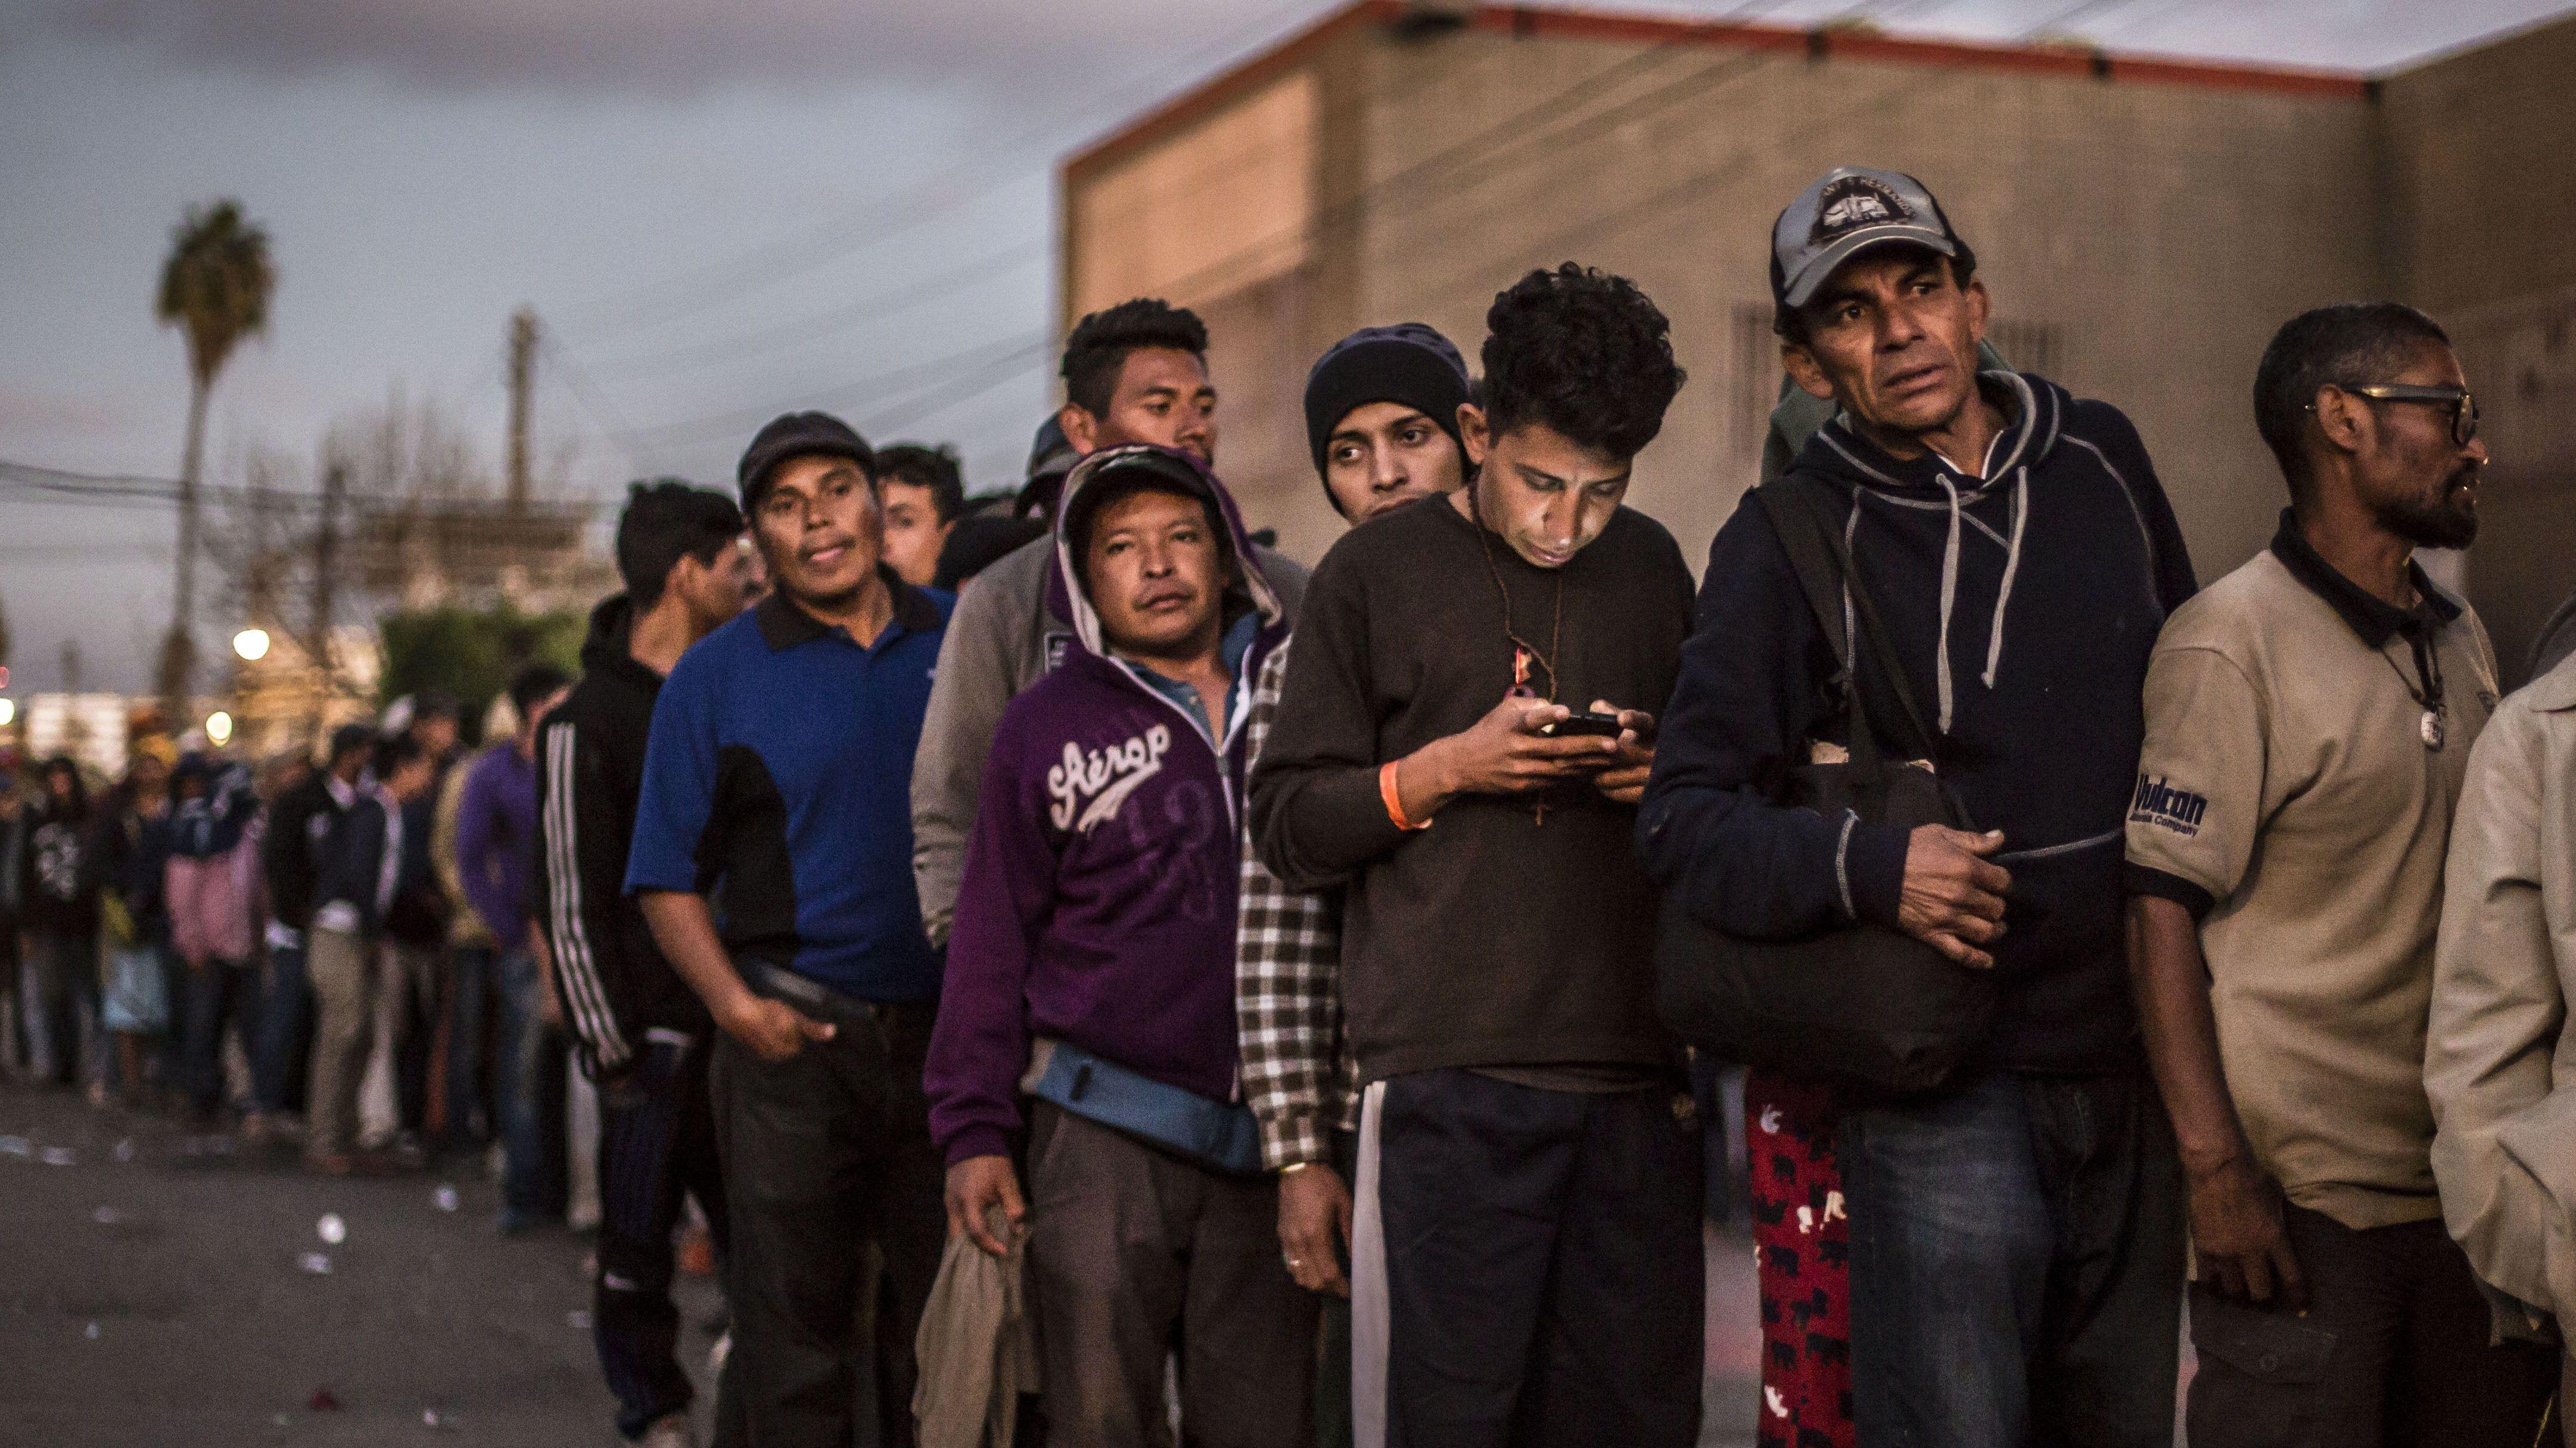 Mexiko, Tijuana: Migranten stehen an einer Essensausgabe Schlange